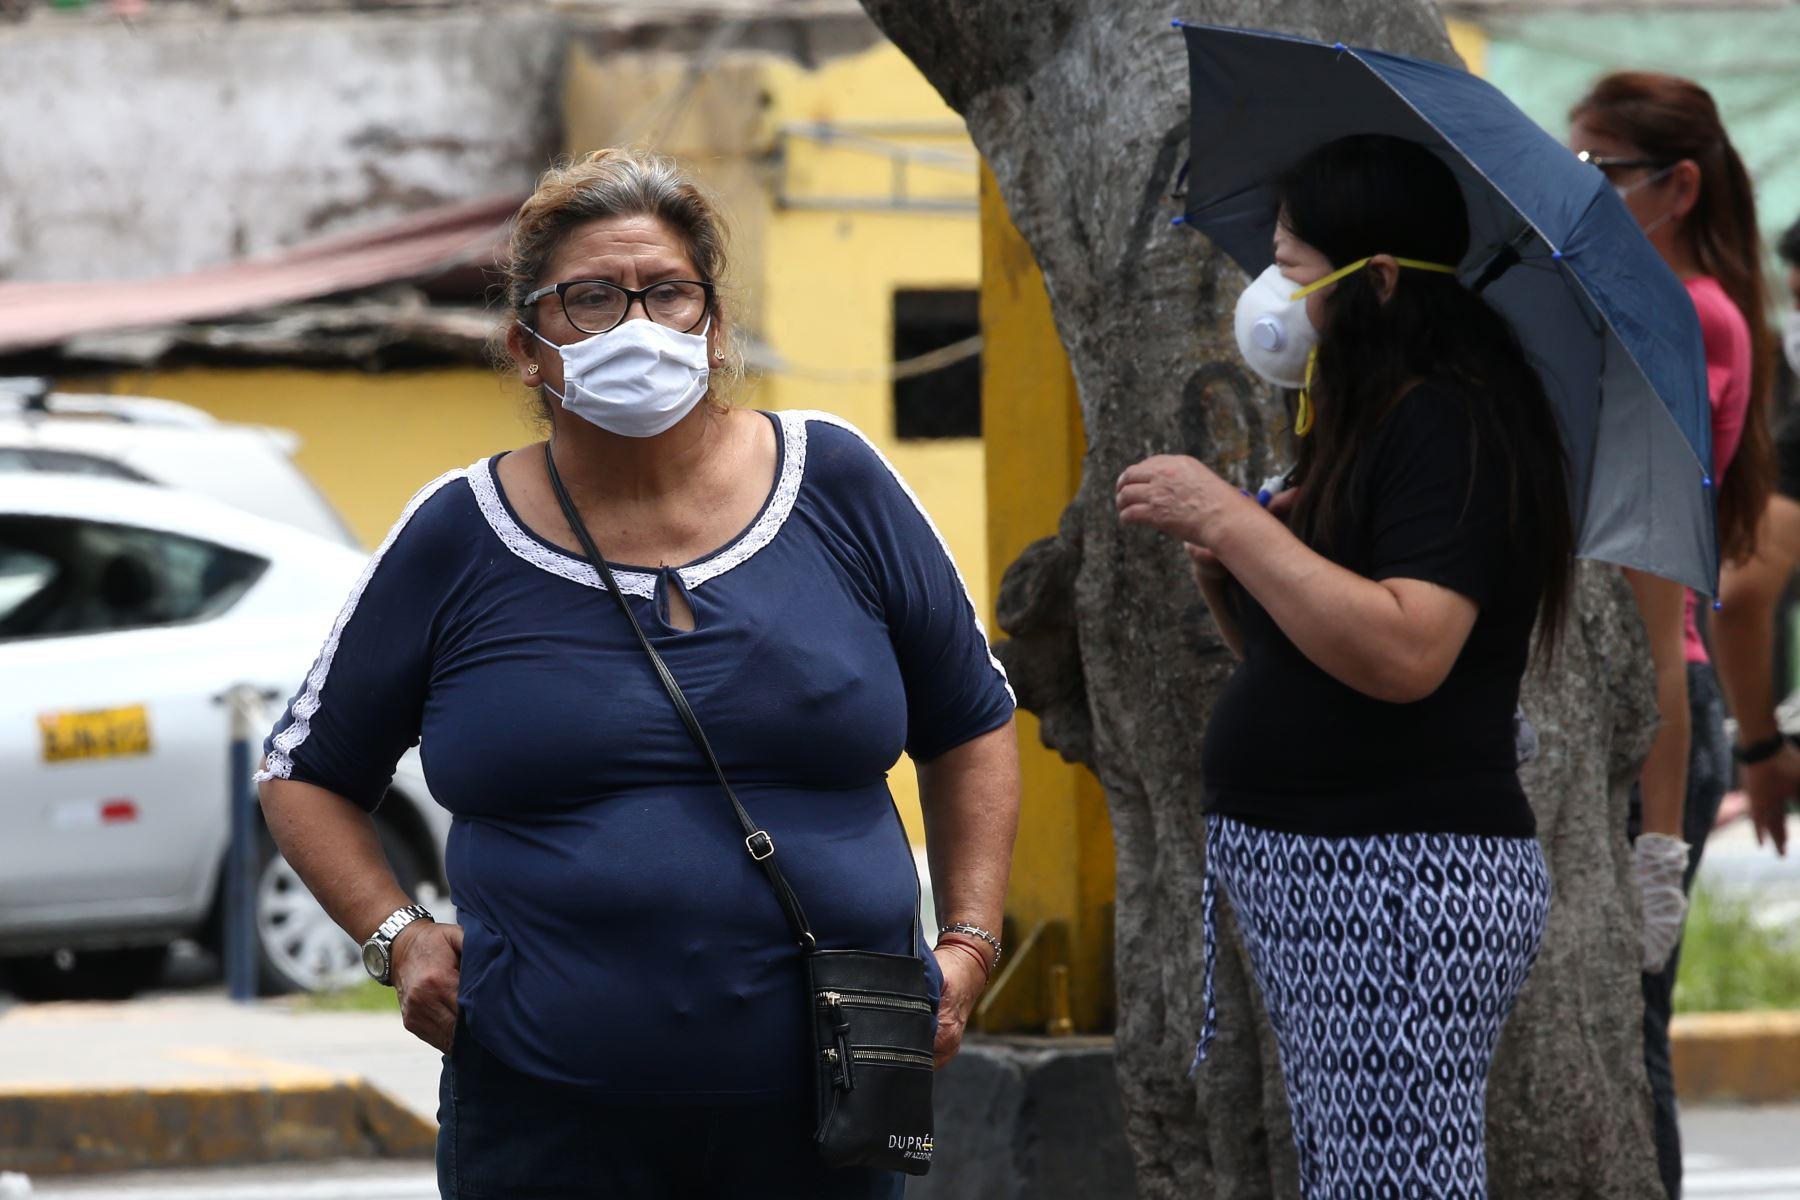 Aún muchas personas transitan por las calles  a pesar de la orden del gobierno de aislamiento social en prevención del Covid-19. Foto: ANDINA/Vidal Tarqui